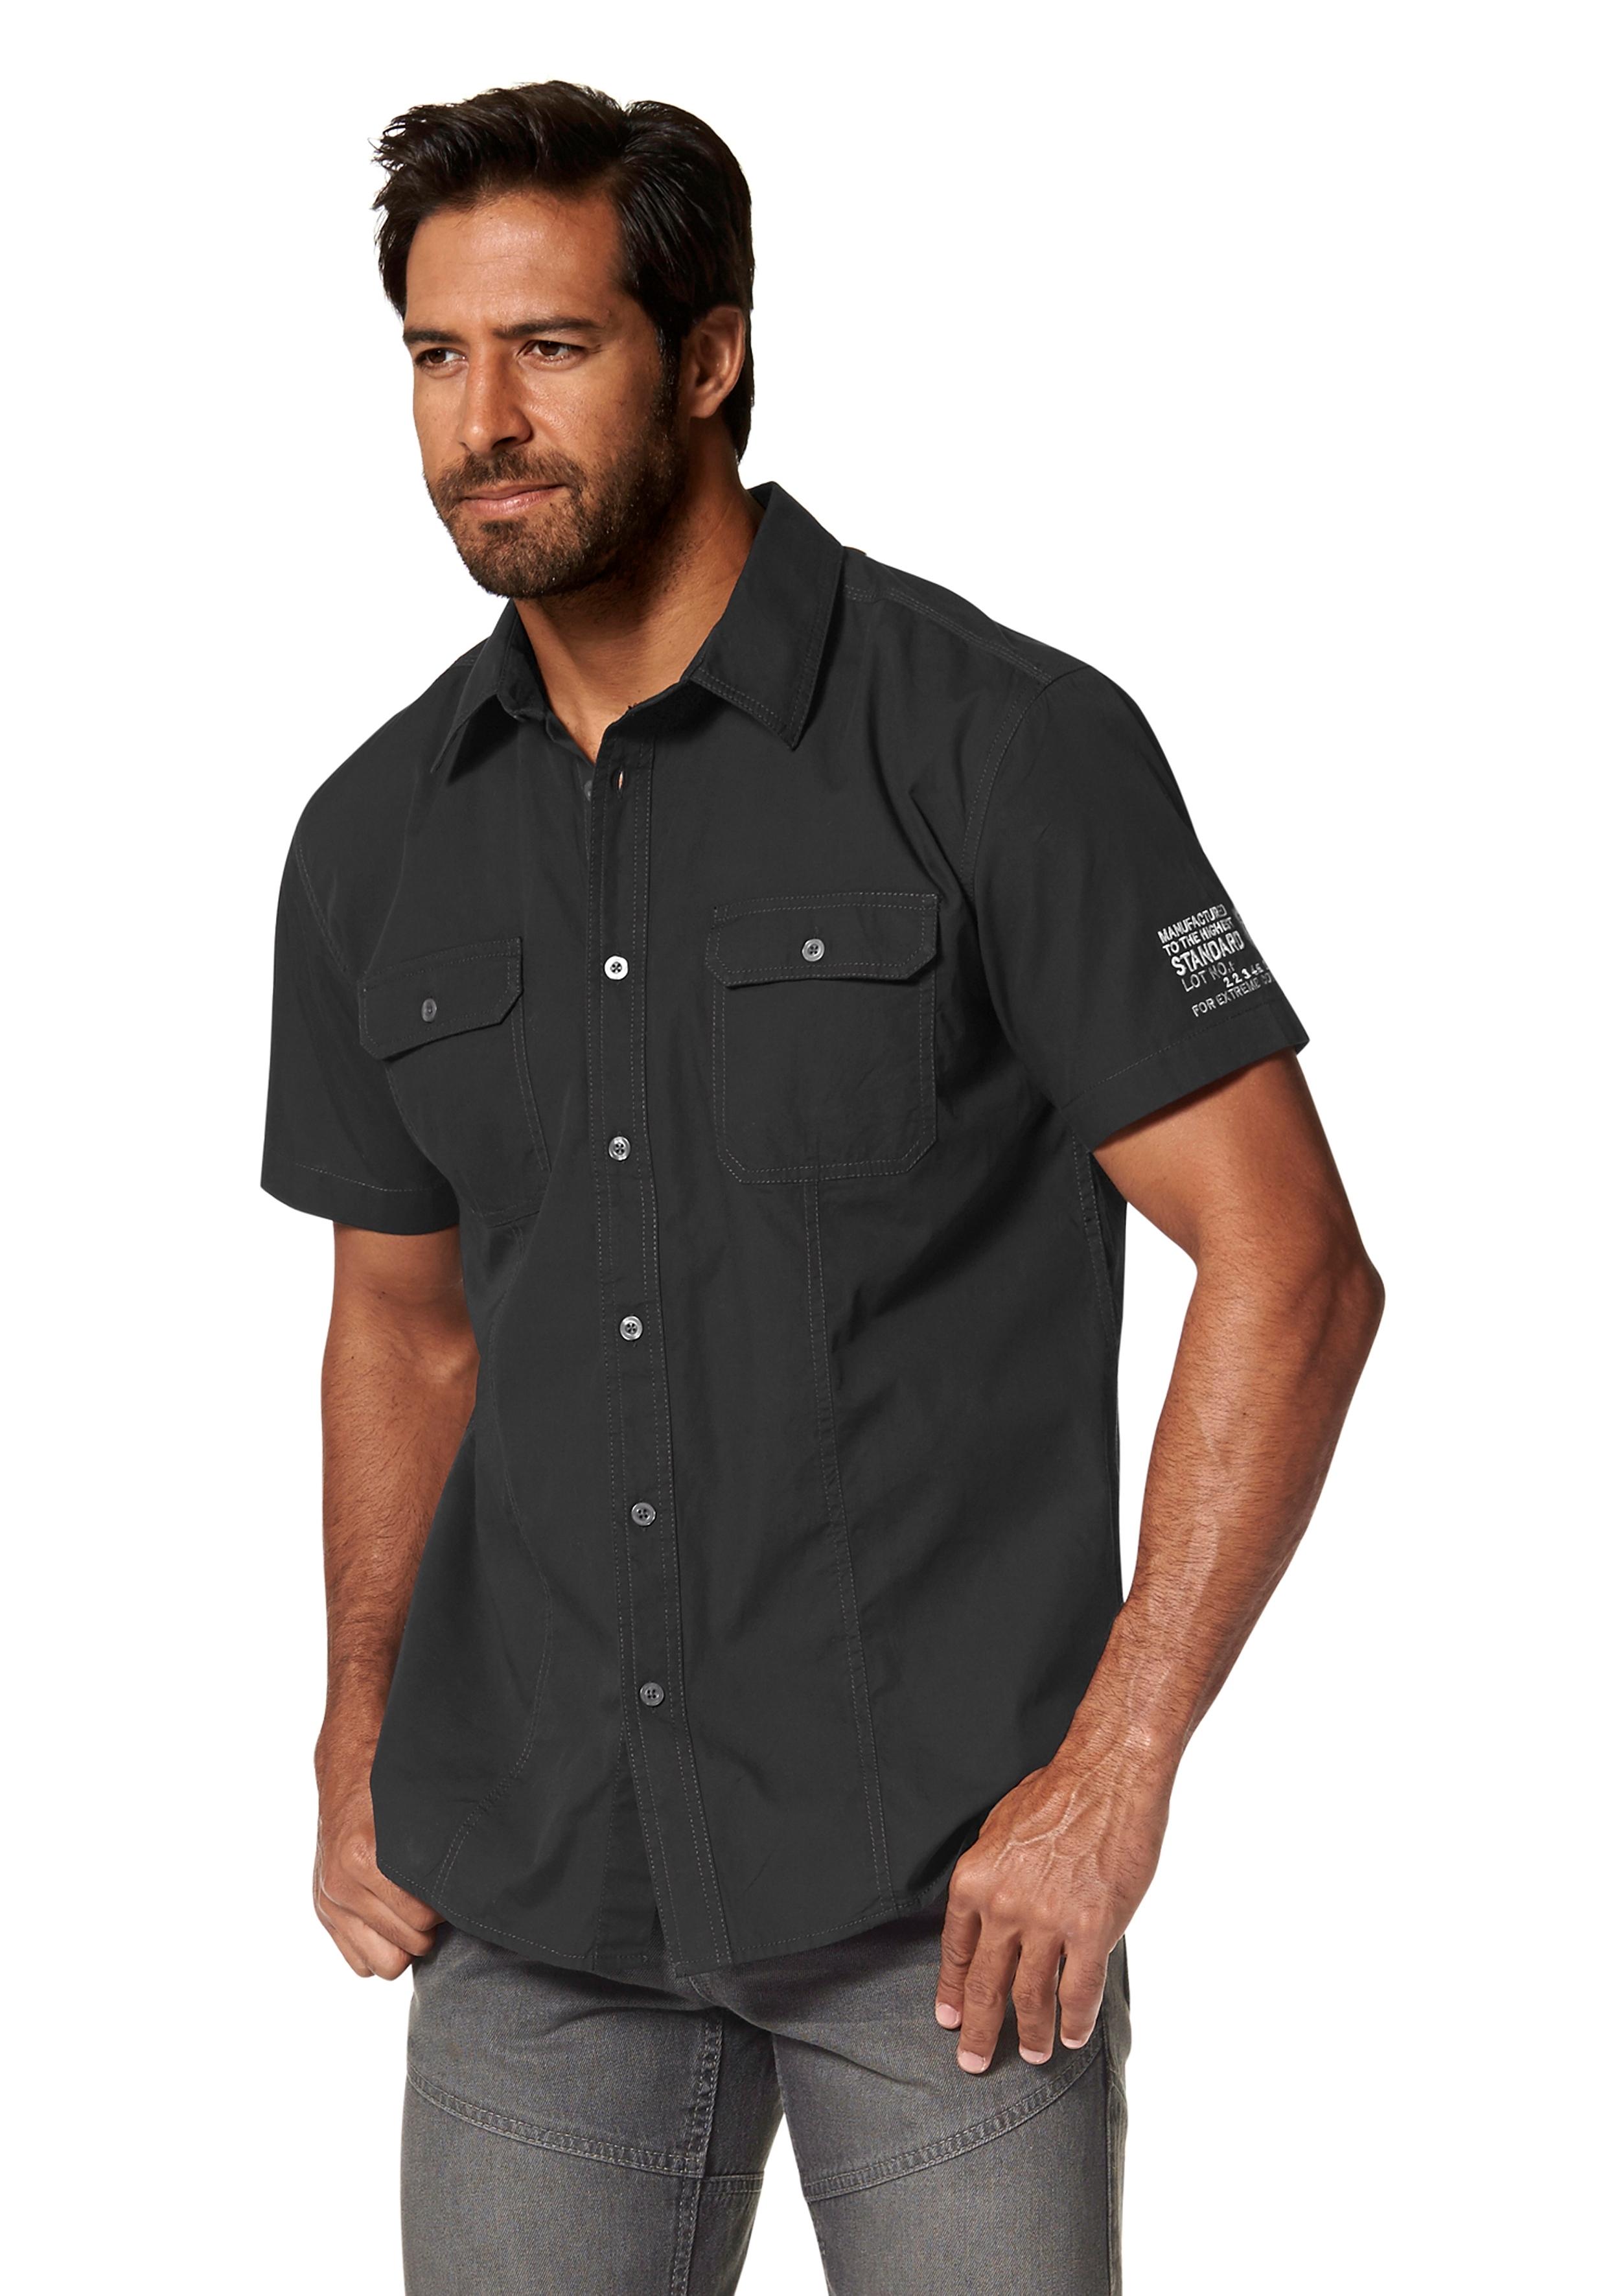 Korte Mouw Overhemd Mannen.Overhemd Met Korte Mouwen Online Kopen Bekijk Het Aanbod Otto